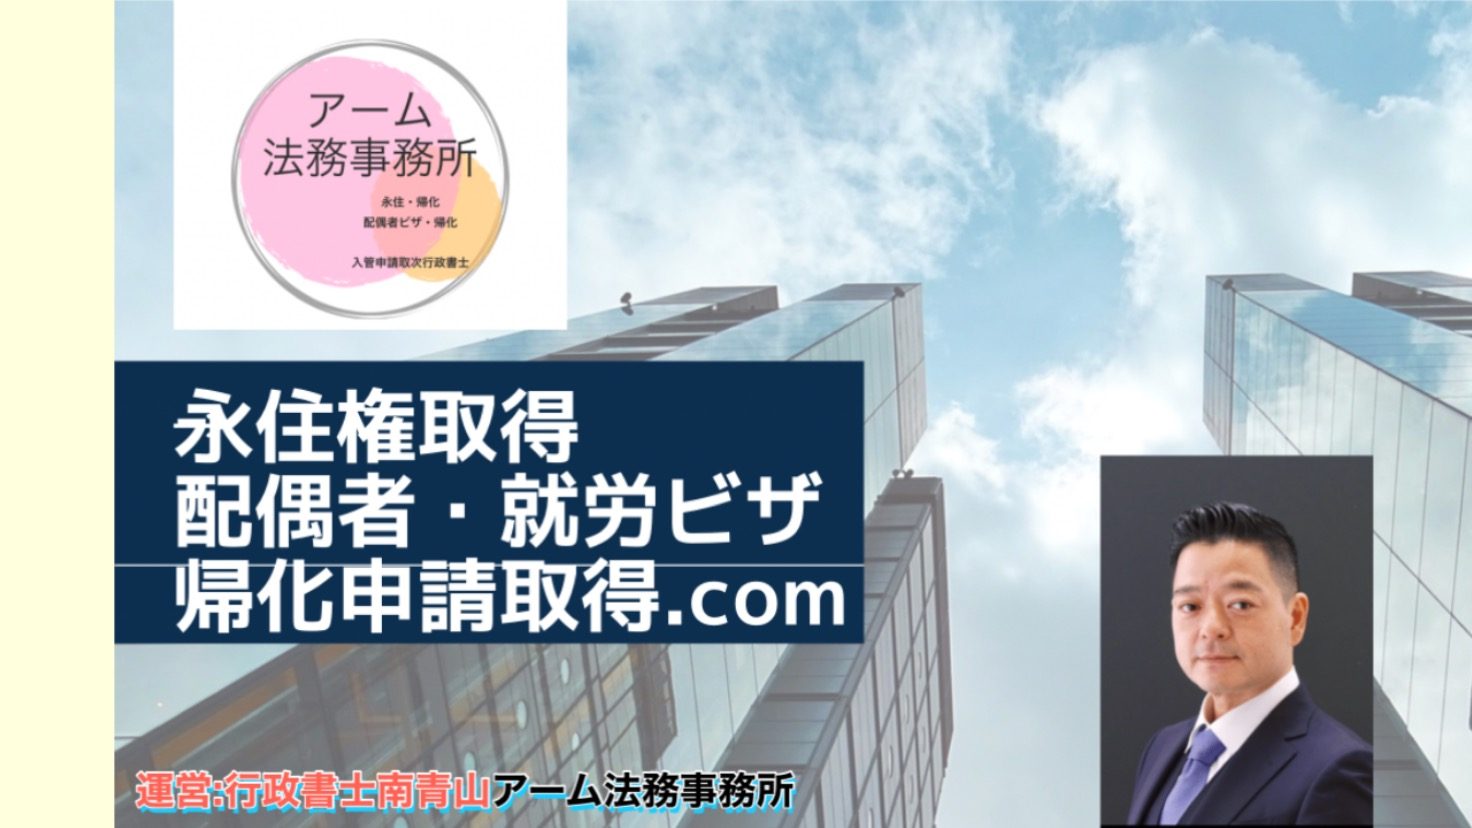 永住ビザ・帰化・日本国籍取得・配偶者ビザ・国際結婚・就労ビザ・外国人雇用・就労ビザ